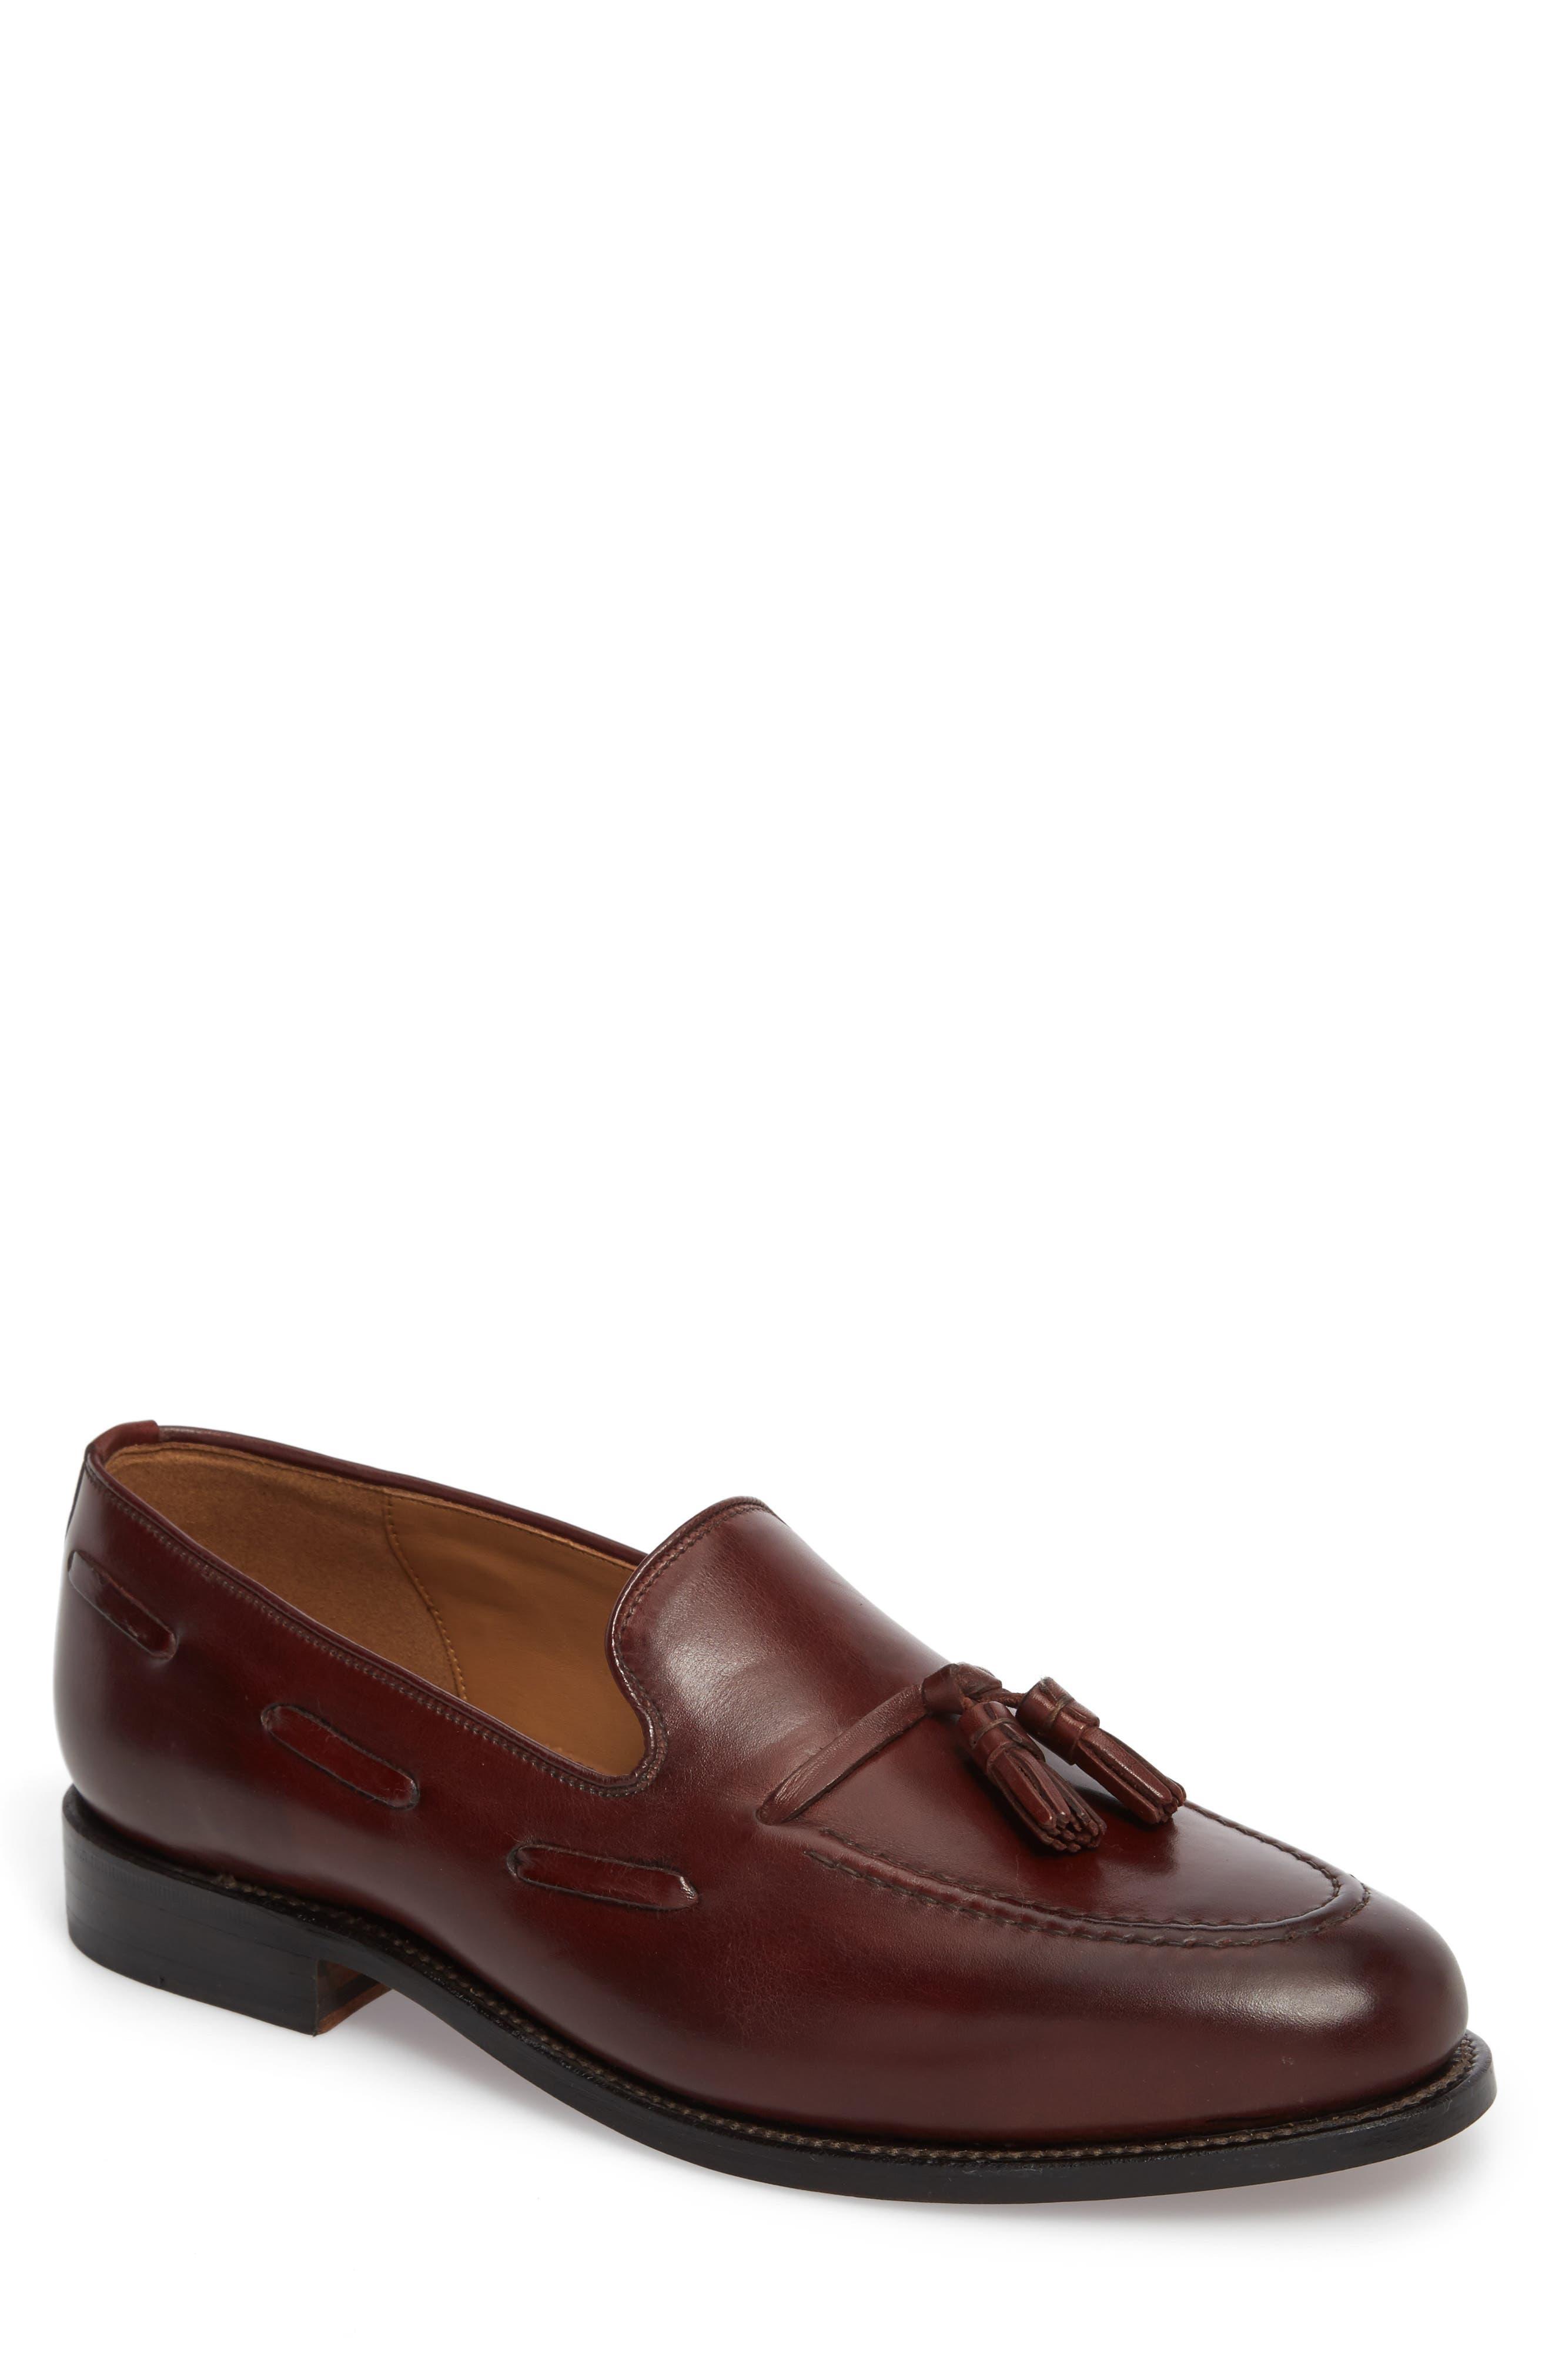 Berkeley Tassel Loafer,                         Main,                         color, BURGUNDY